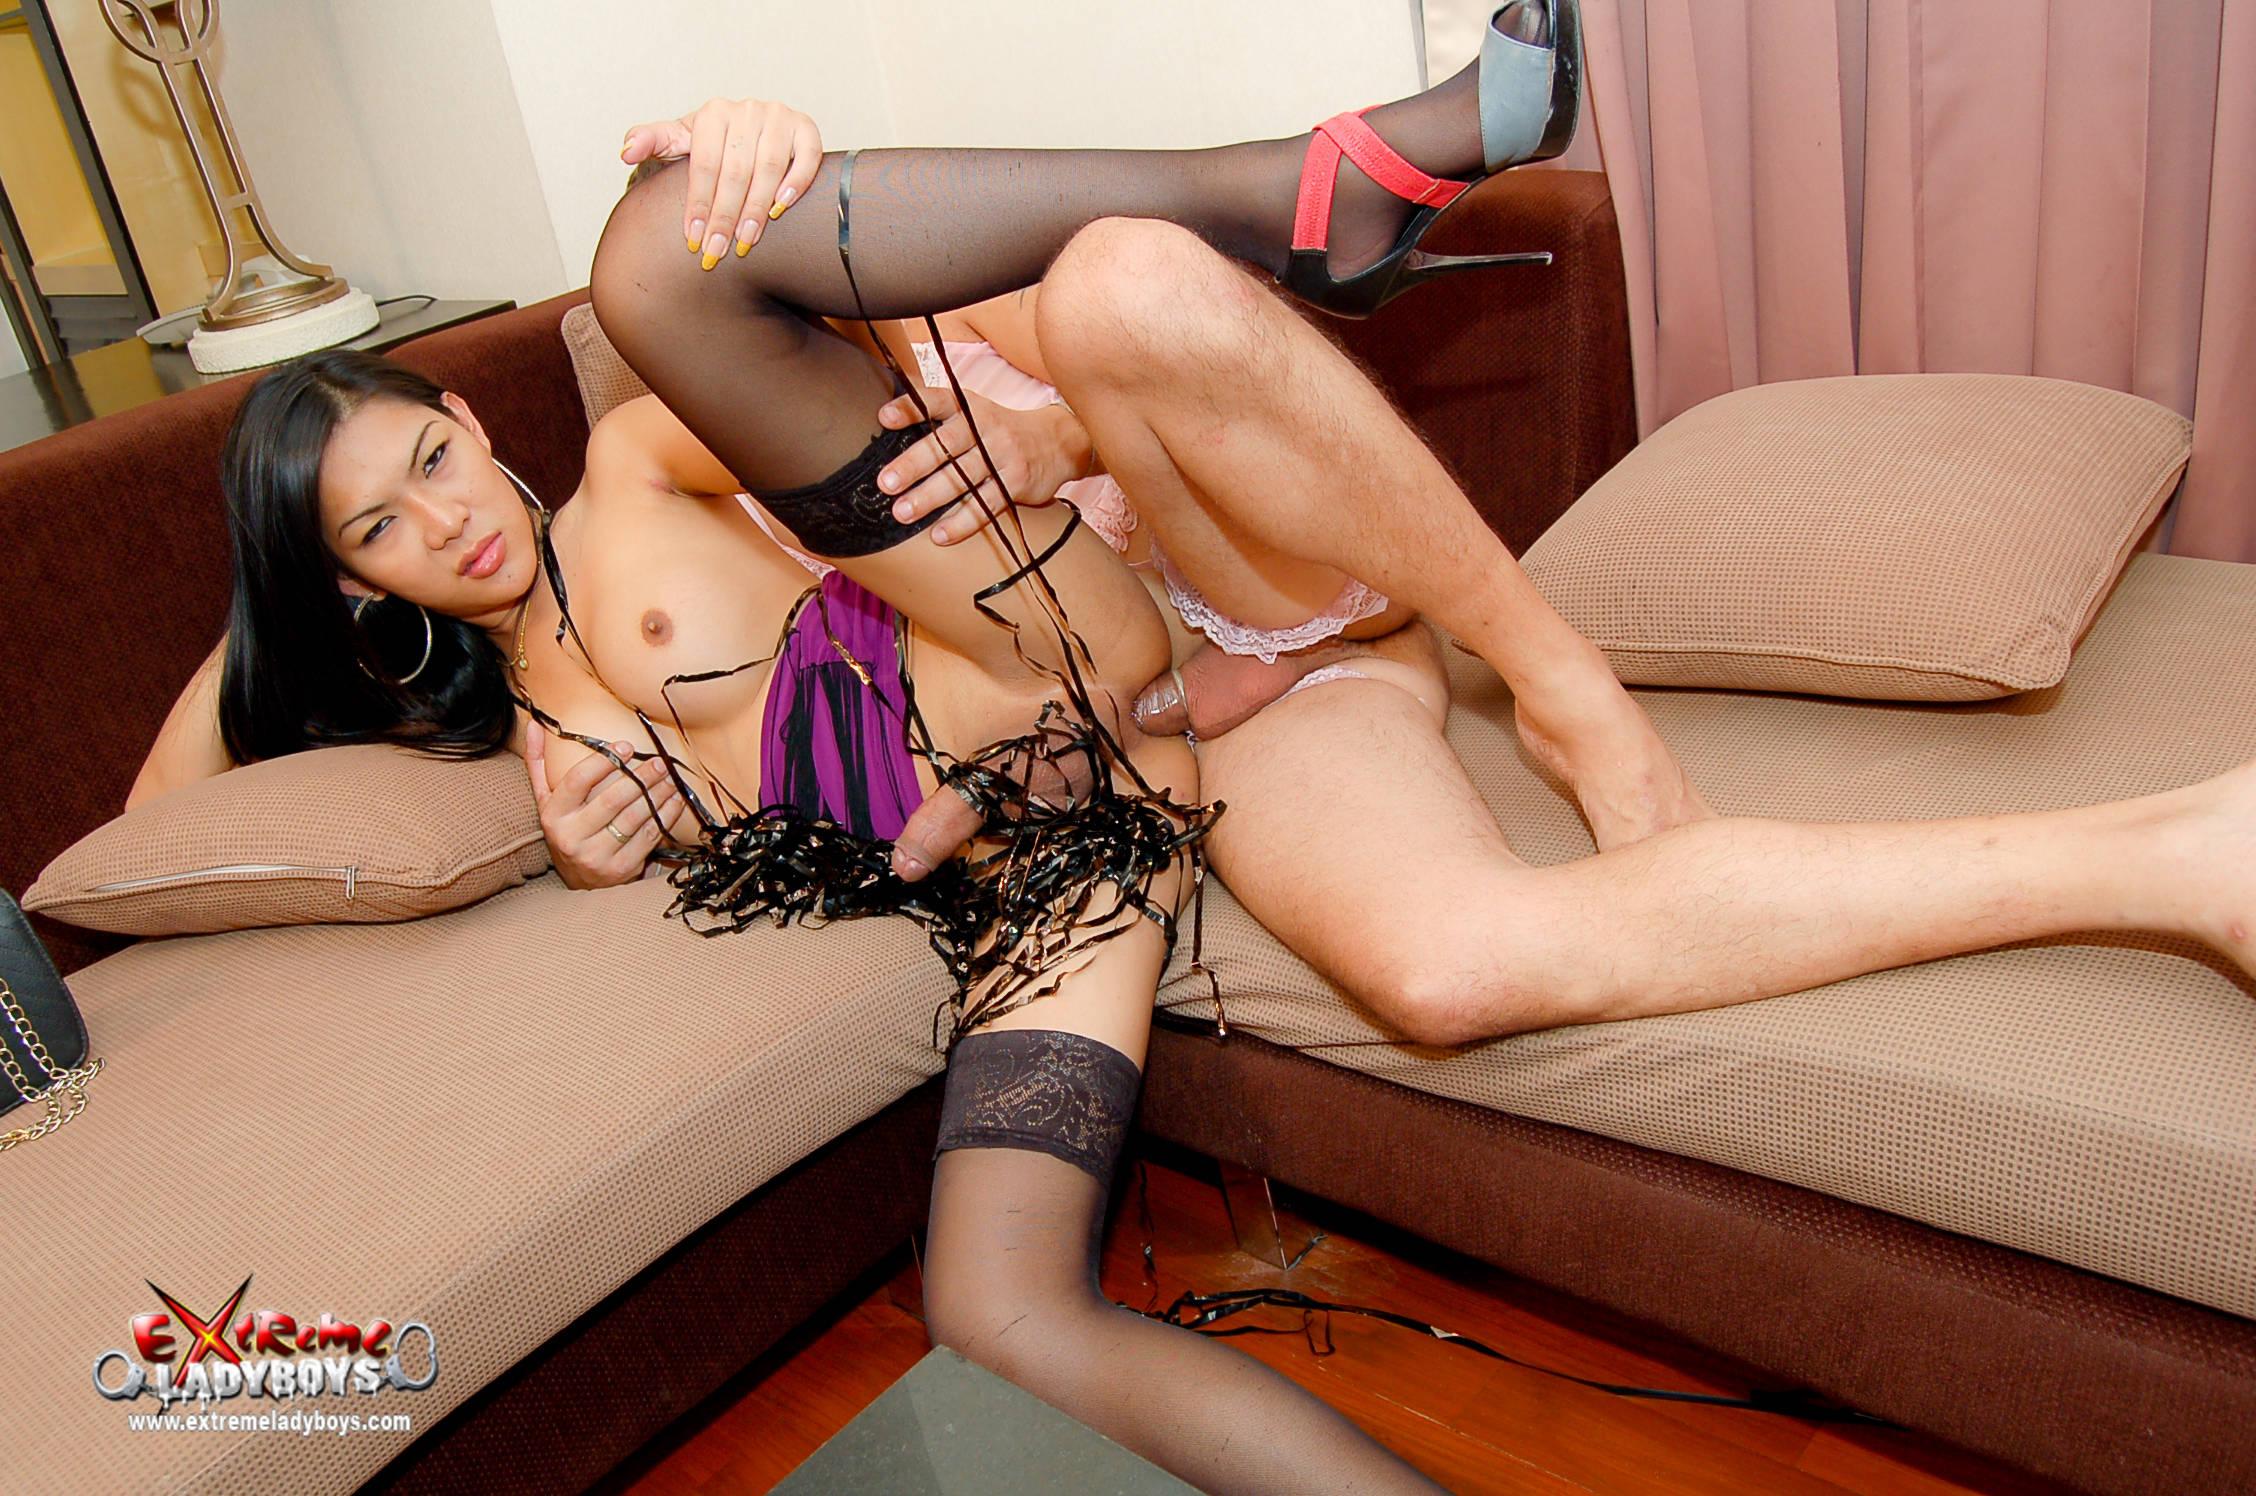 thai escort crossdresser sex